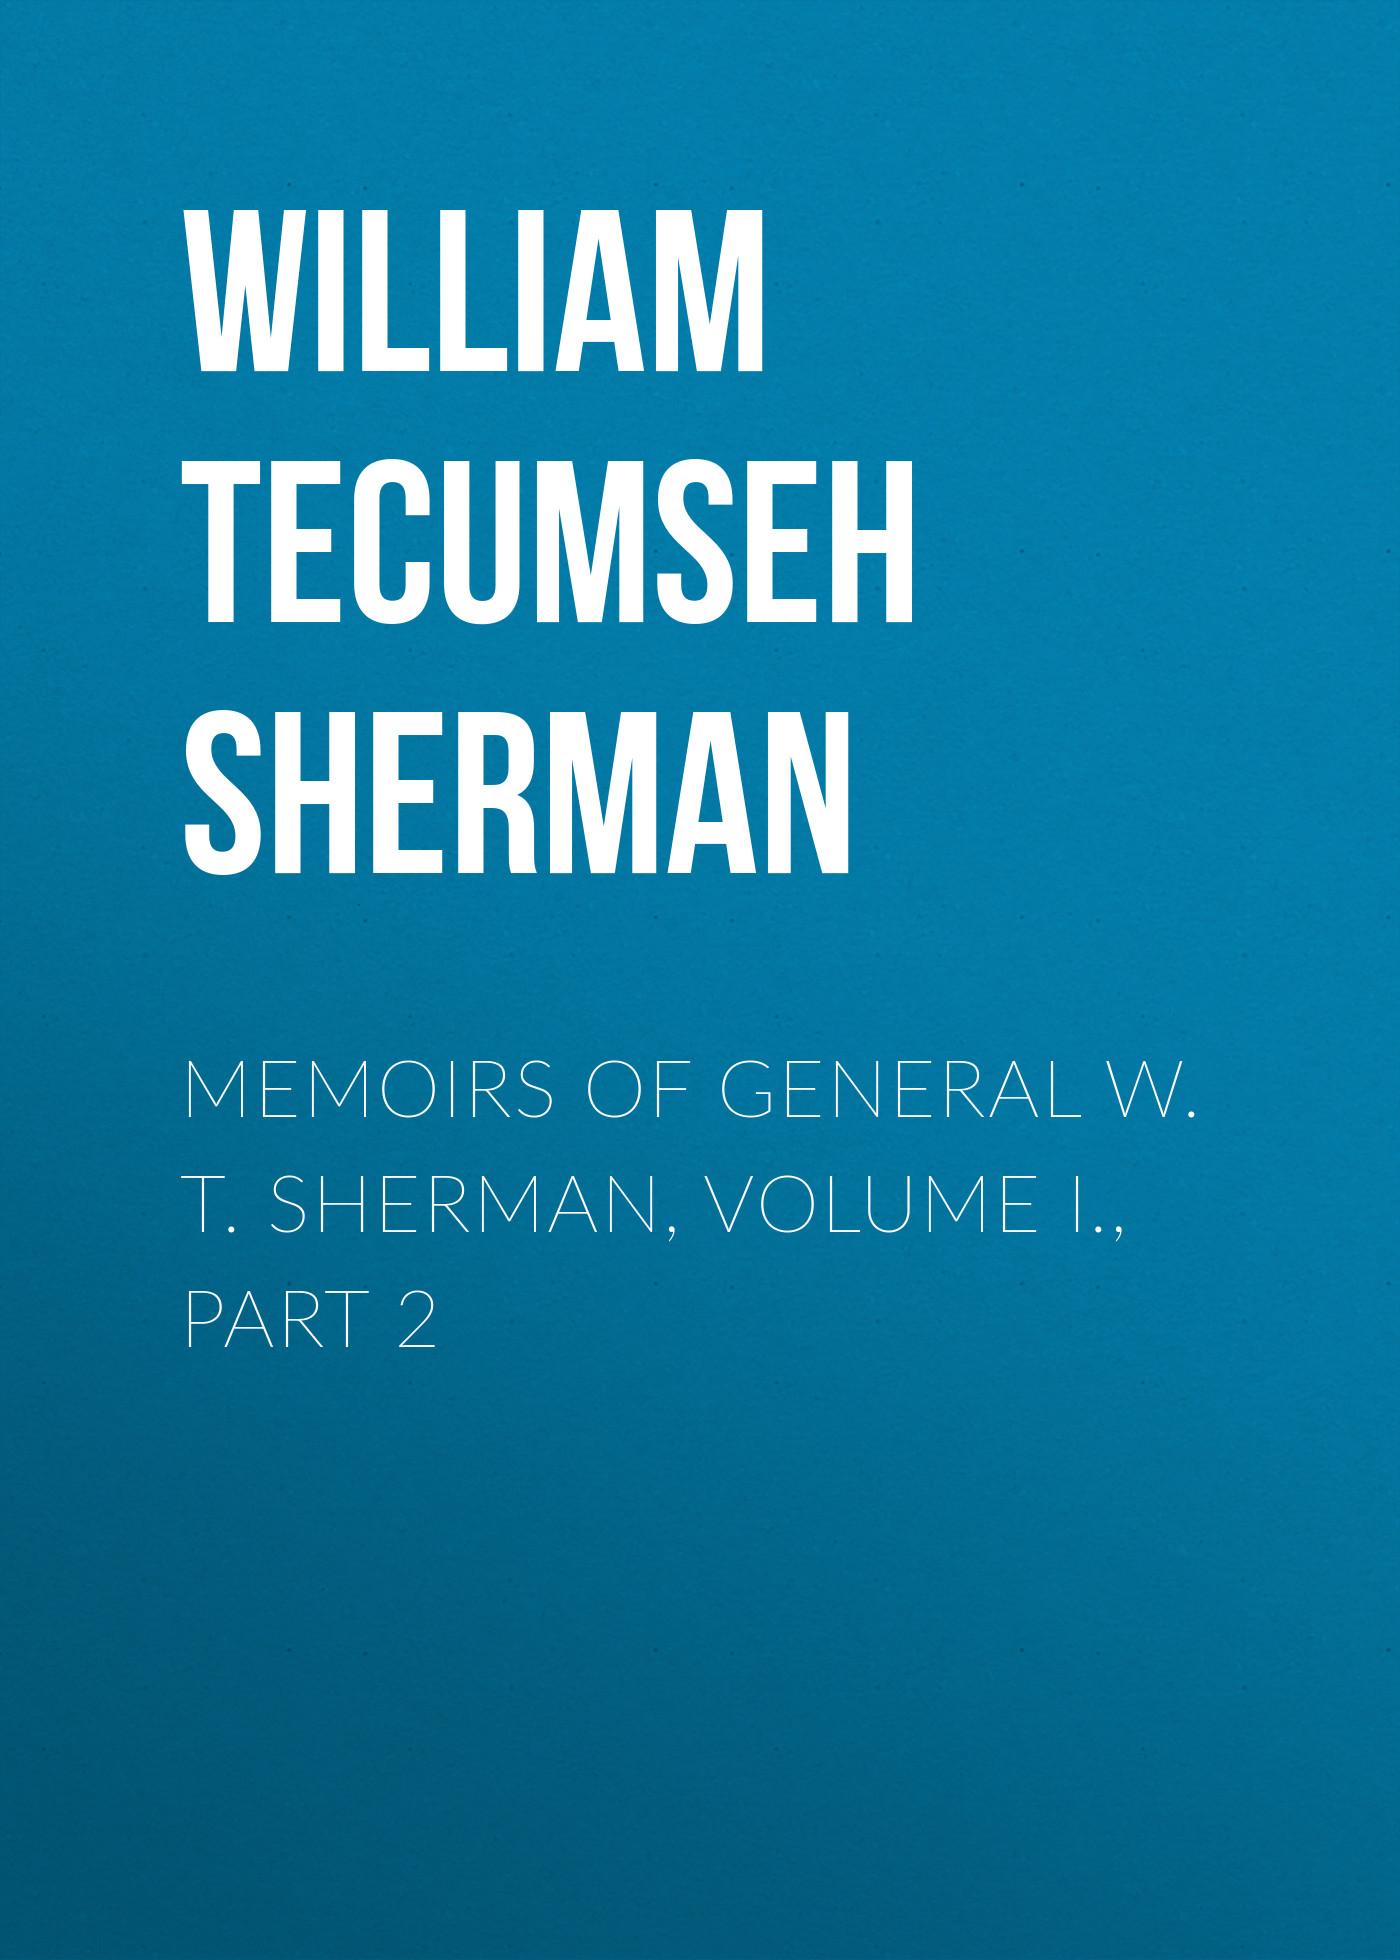 William Tecumseh Sherman Memoirs of General W. T. Sherman, Volume I., Part 2 ippolito rosellini i monumenti dell egitto e della nubia volume 2 part 2 italian edition